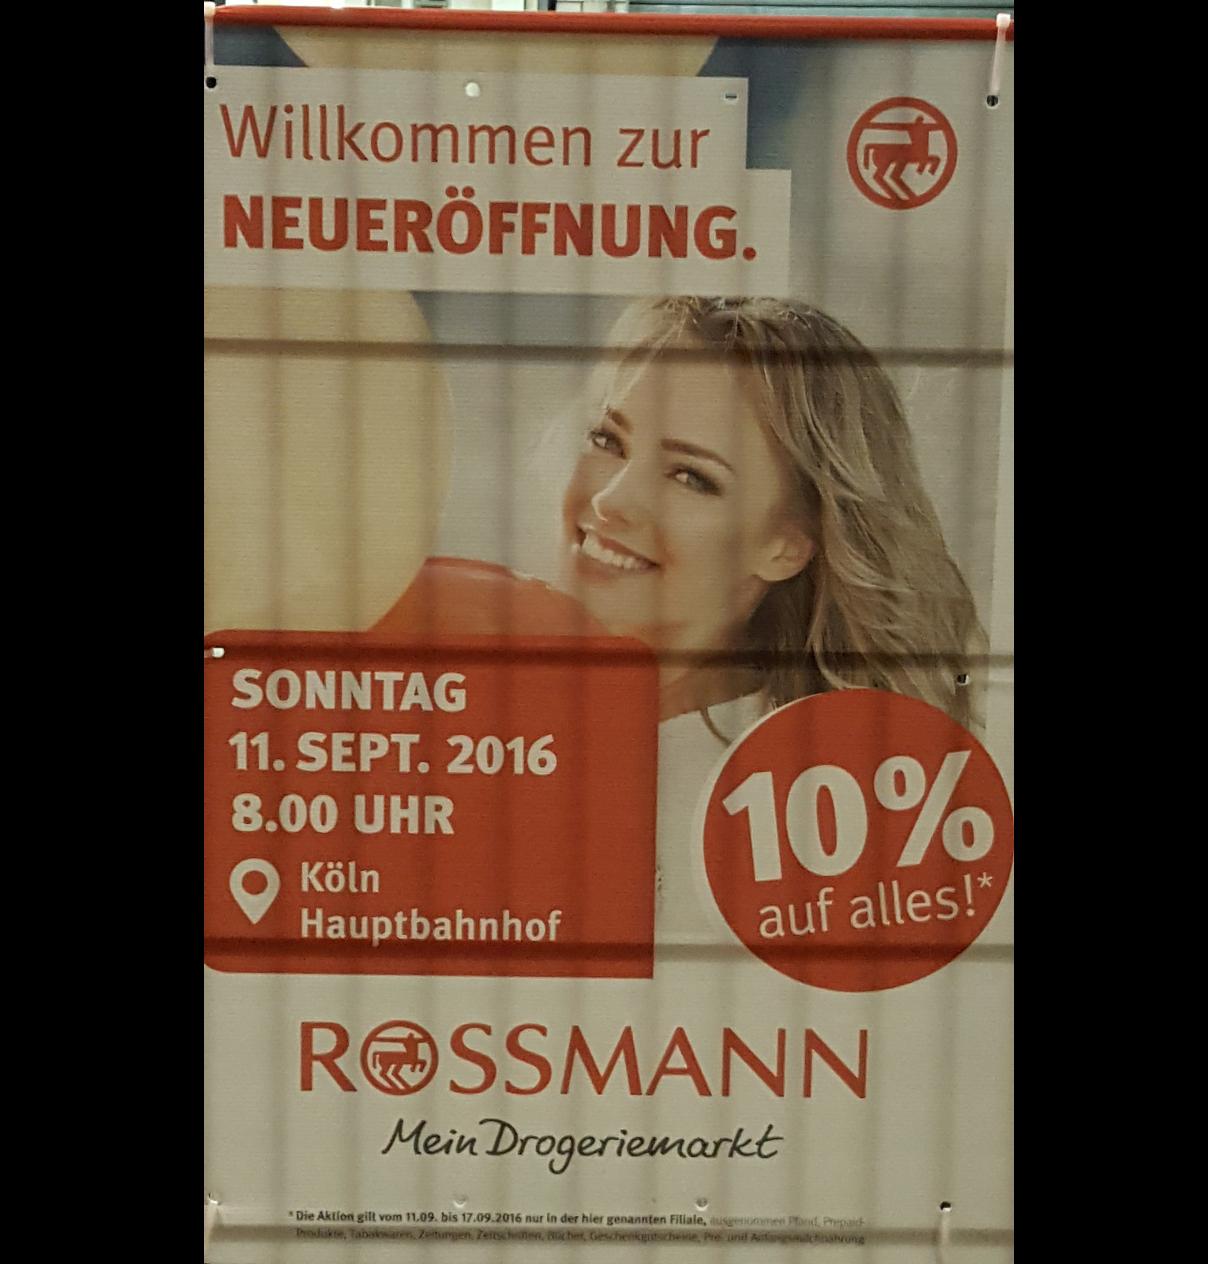 [Rossmann Köln Hbf] 10% auf alles vom 11.09.2016 bis zum 17.09.2016